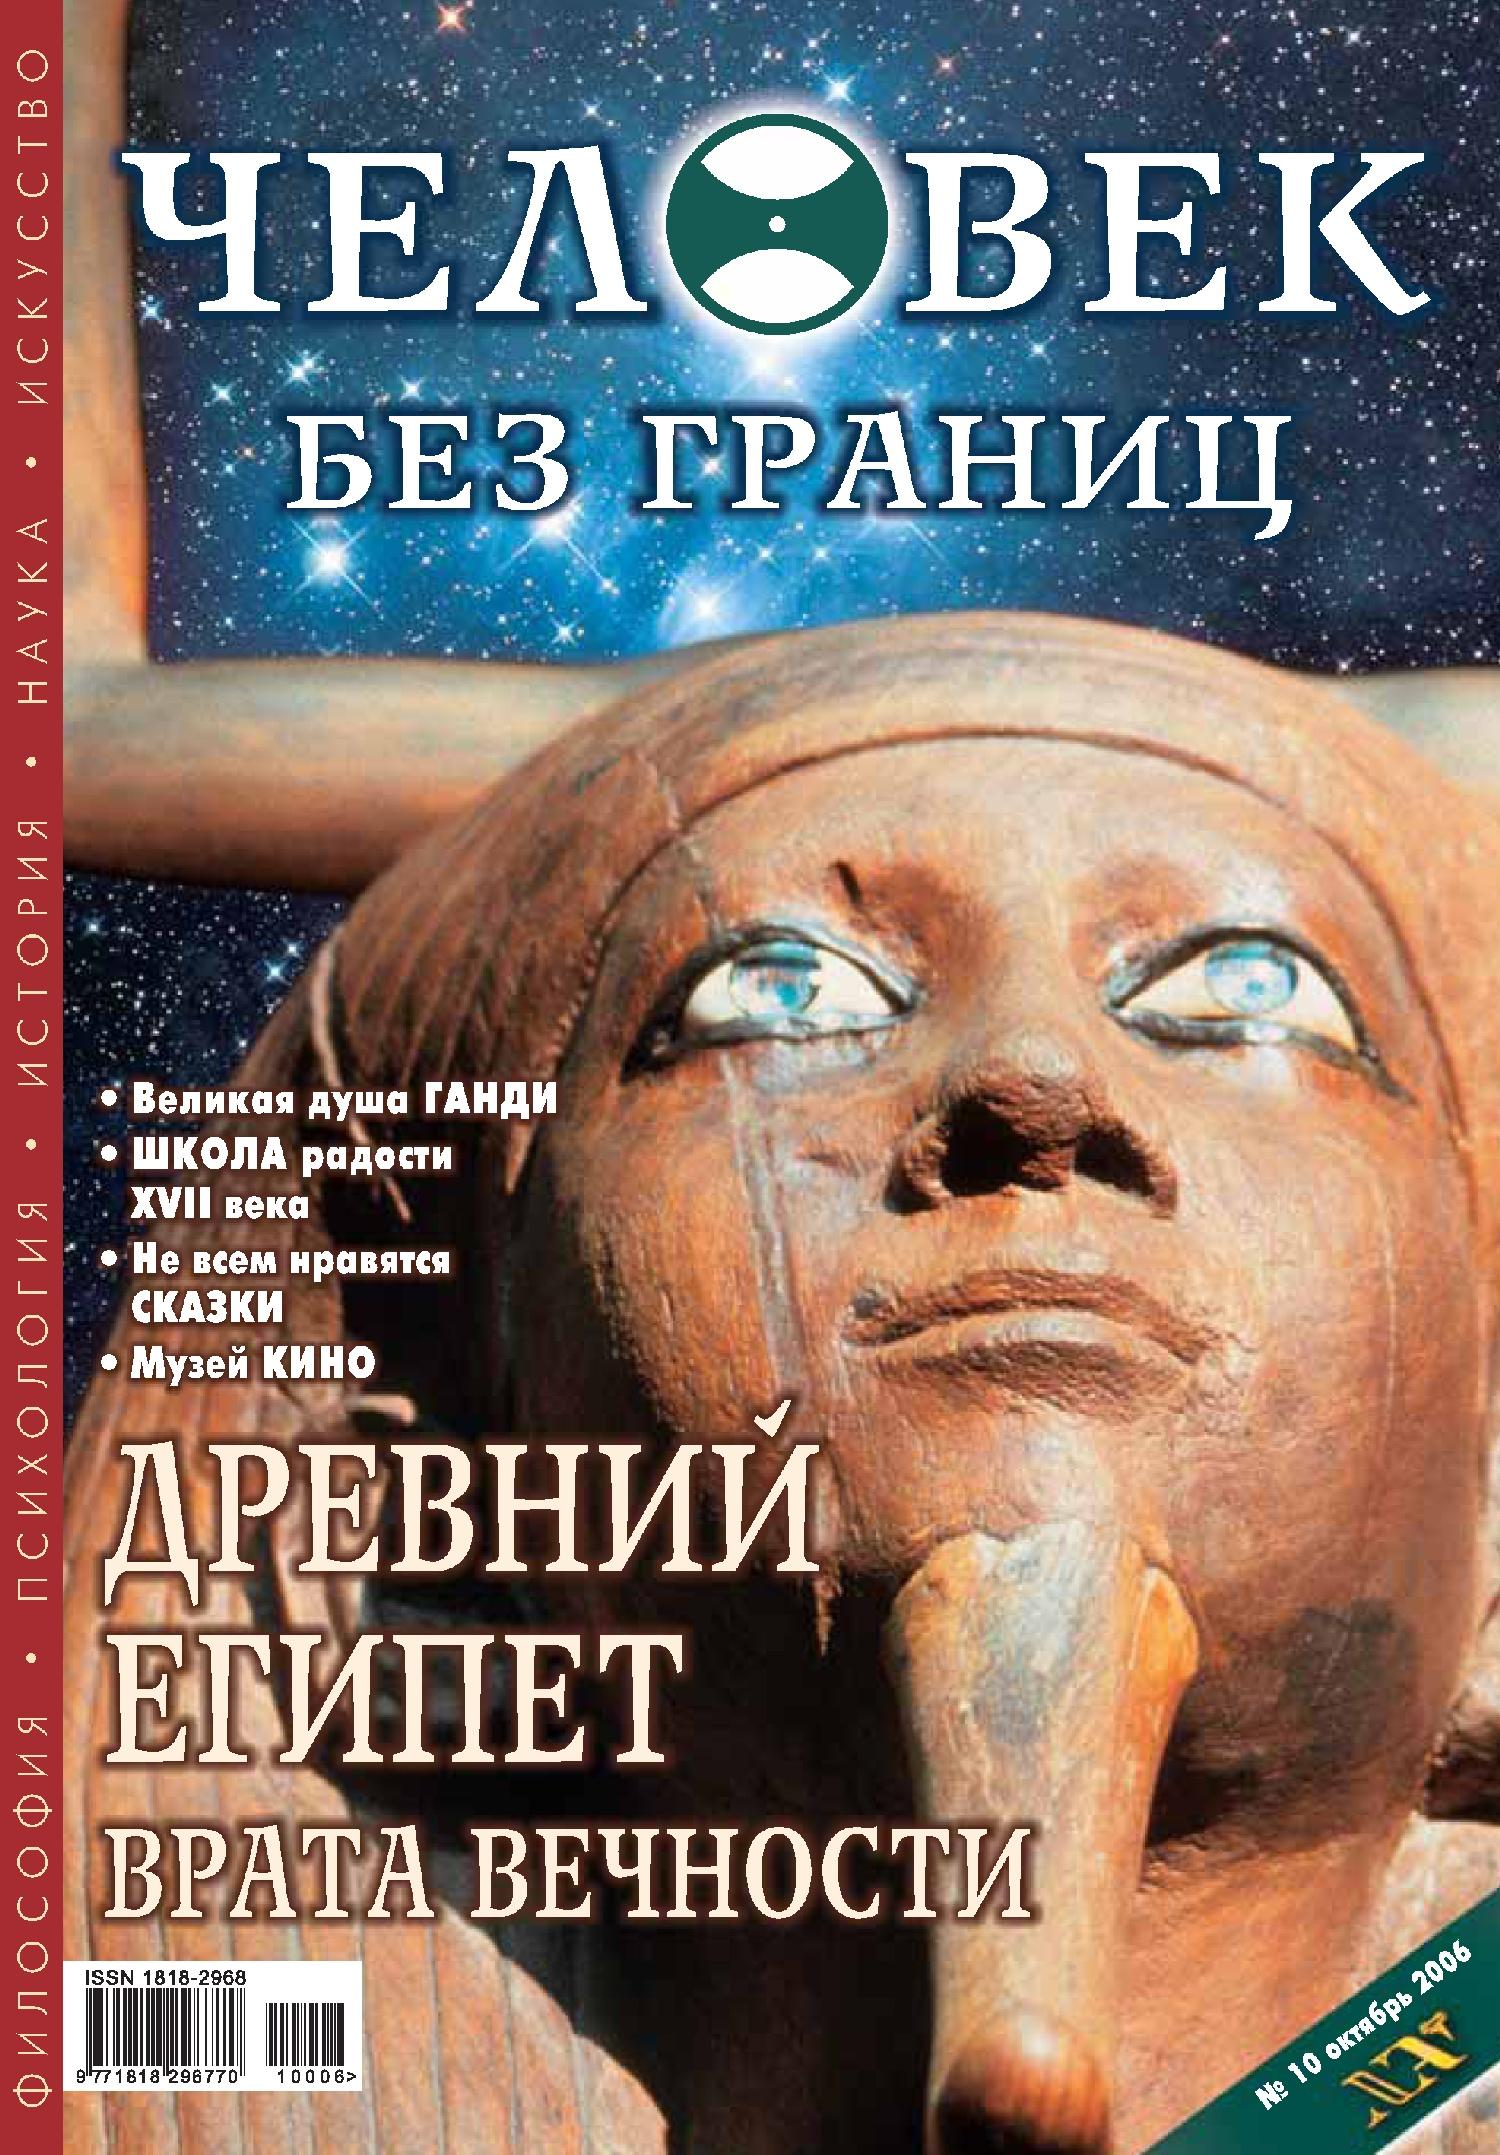 Отсутствует Журнал «Человек без границ» №10 (11) 2006 отсутствует журнал человек без границ 5 06 2006